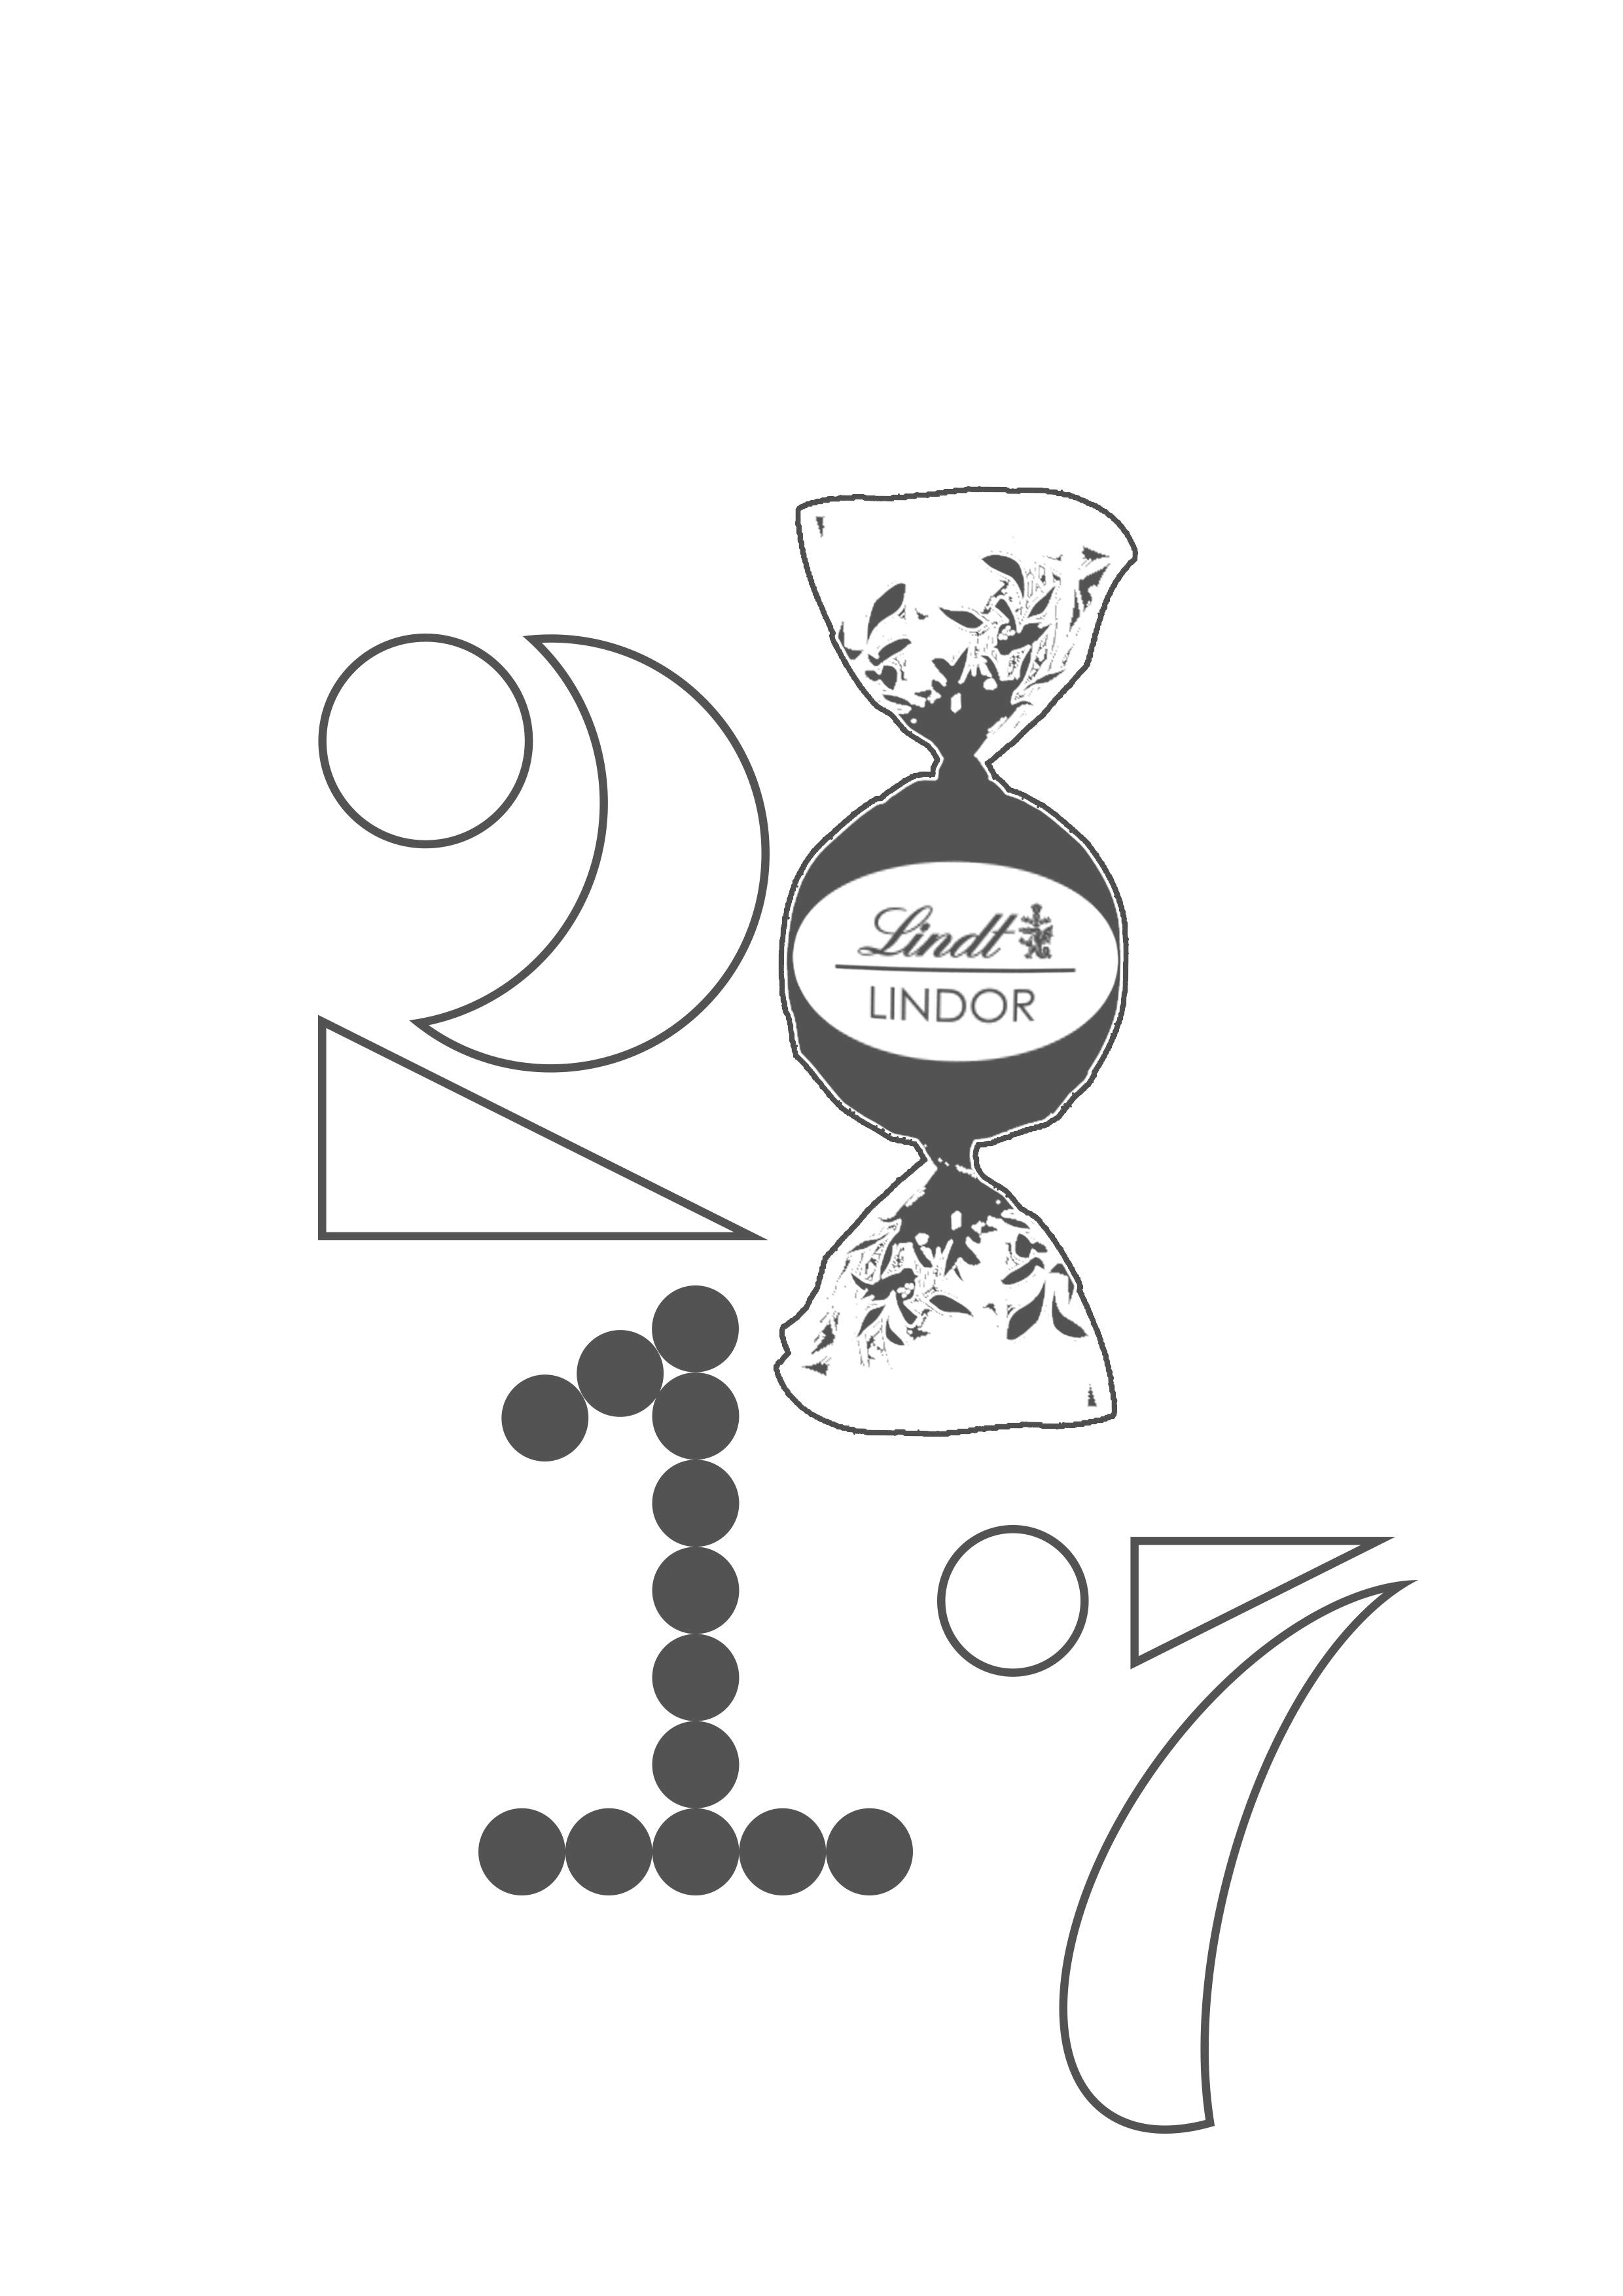 瑞士莲2017新年日历封面设计 2017数字字体设计